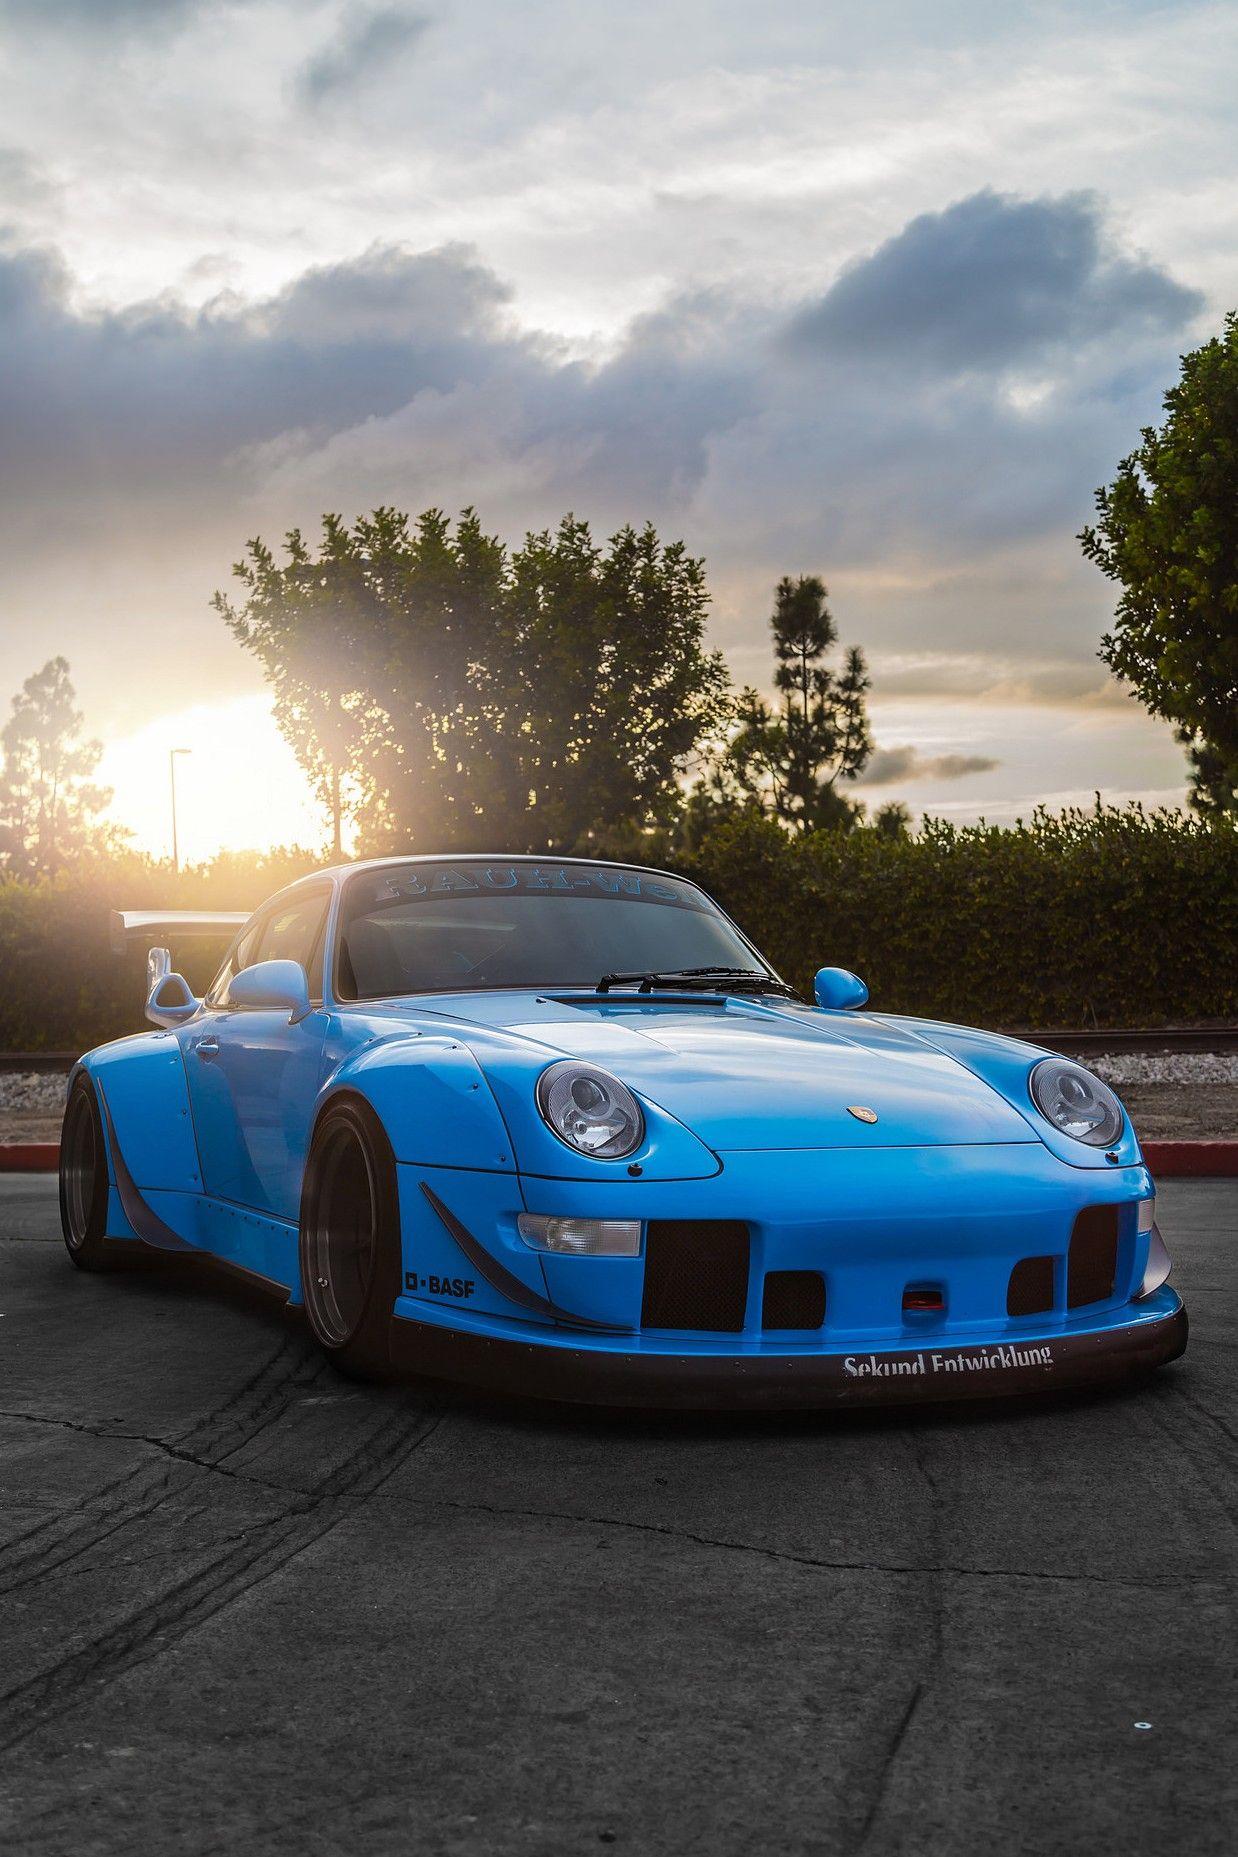 #Porsche 911 RWB